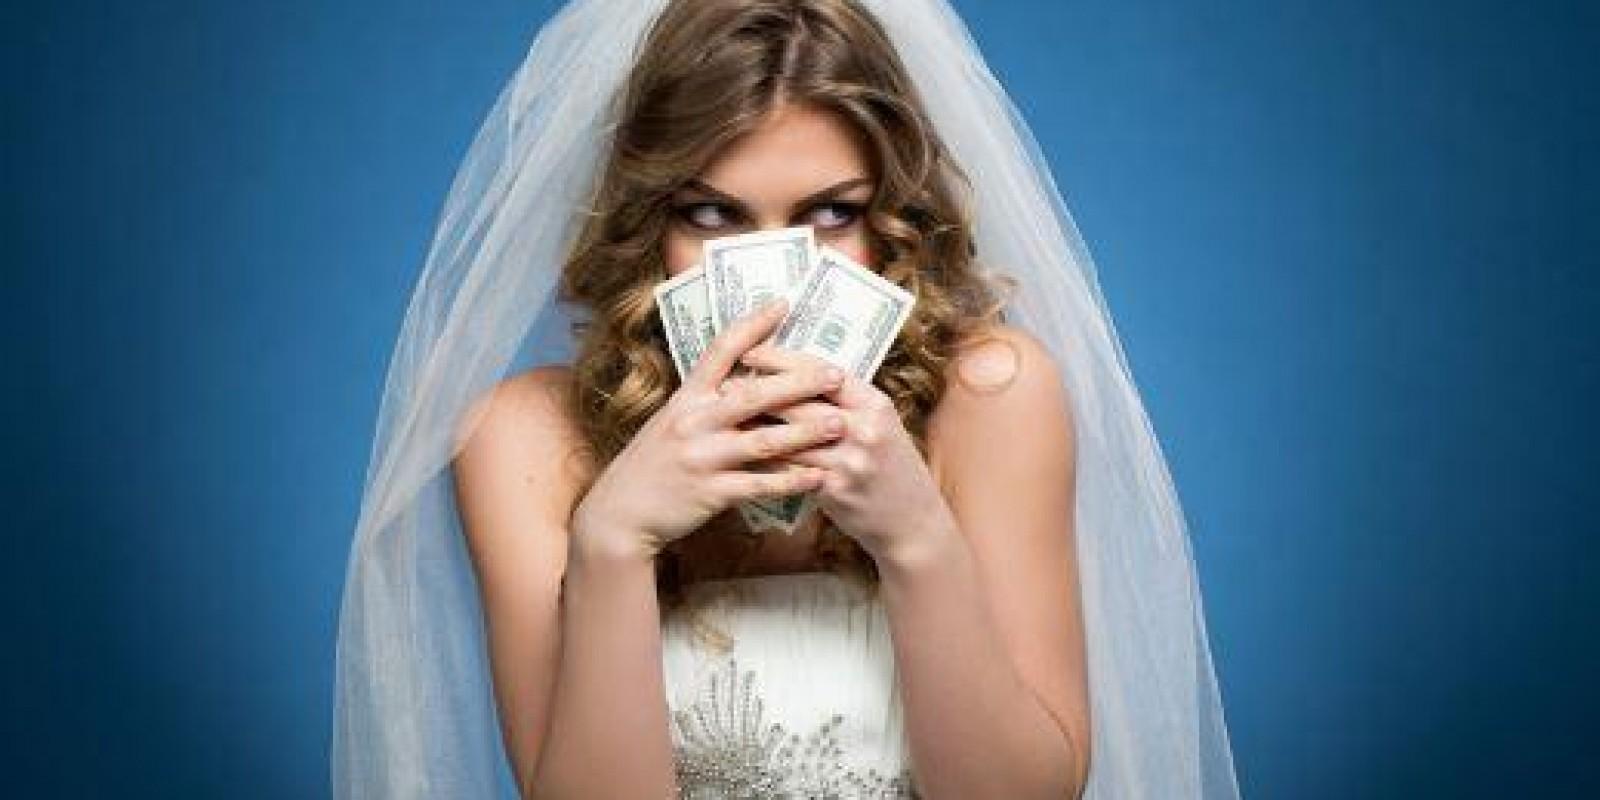 Marido não é corresponsável por Imposto Sobre Renda de trabalho exclusivo da mulher